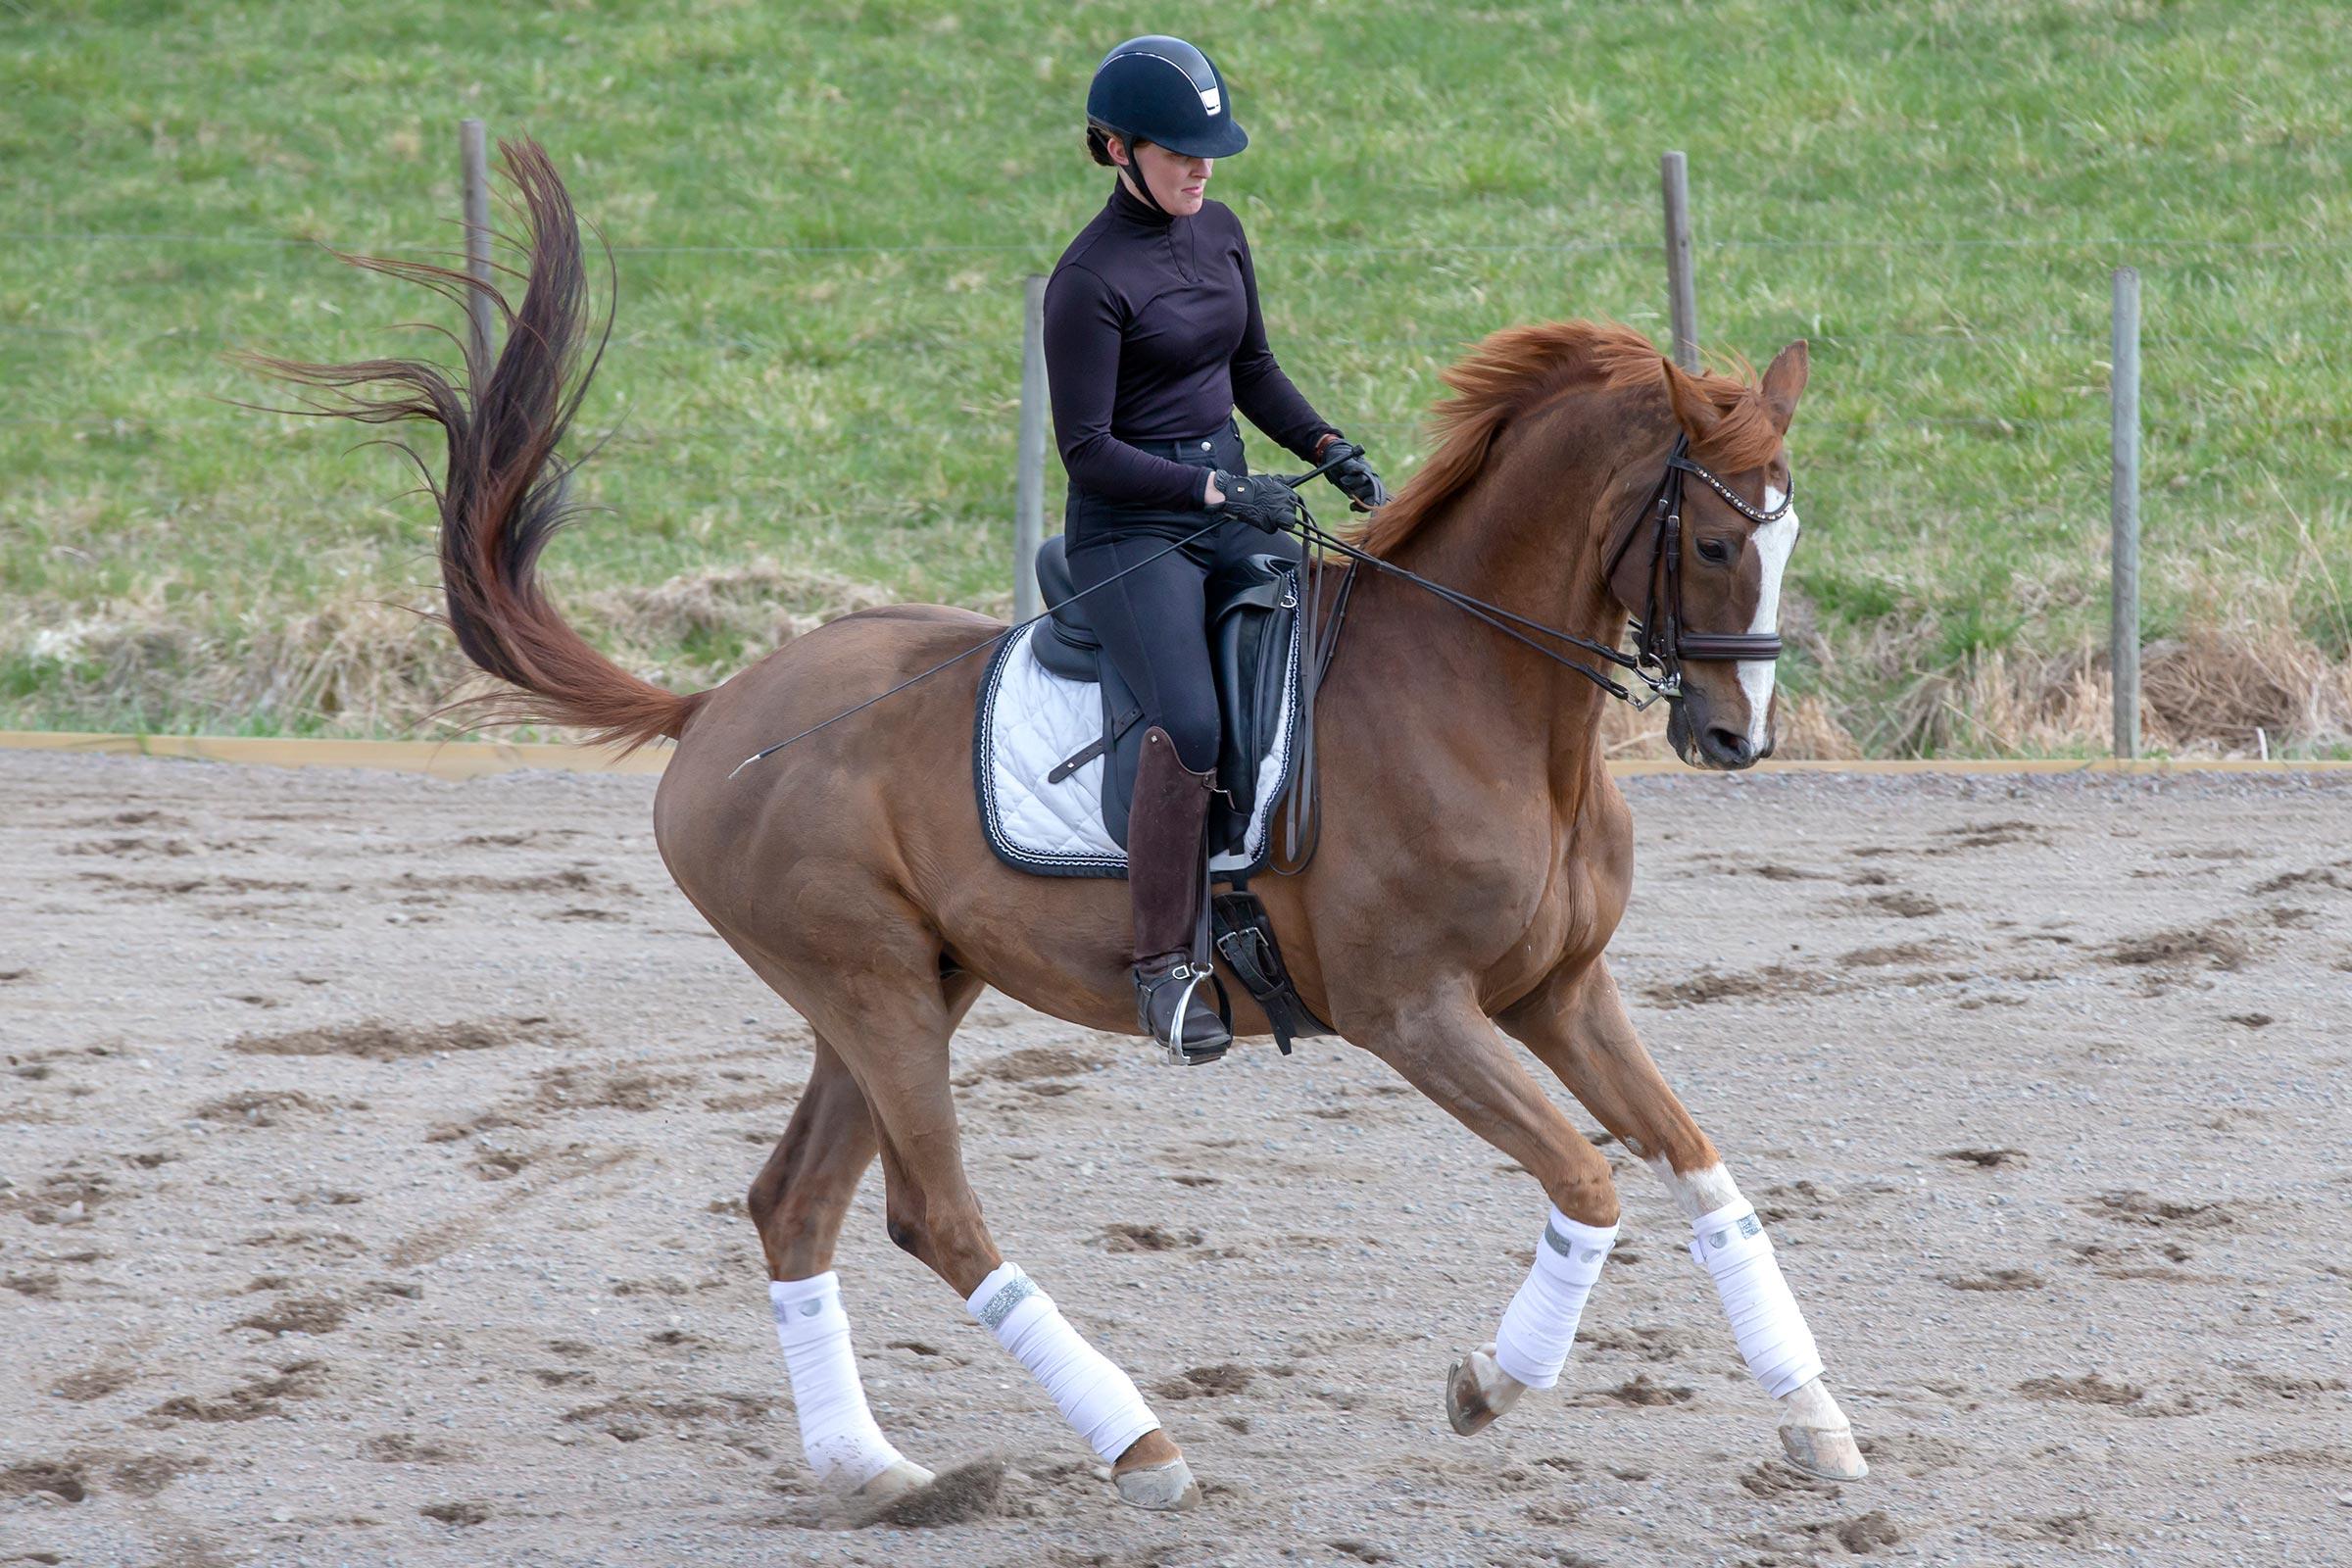 Emelie-eklund-22-200430-rt